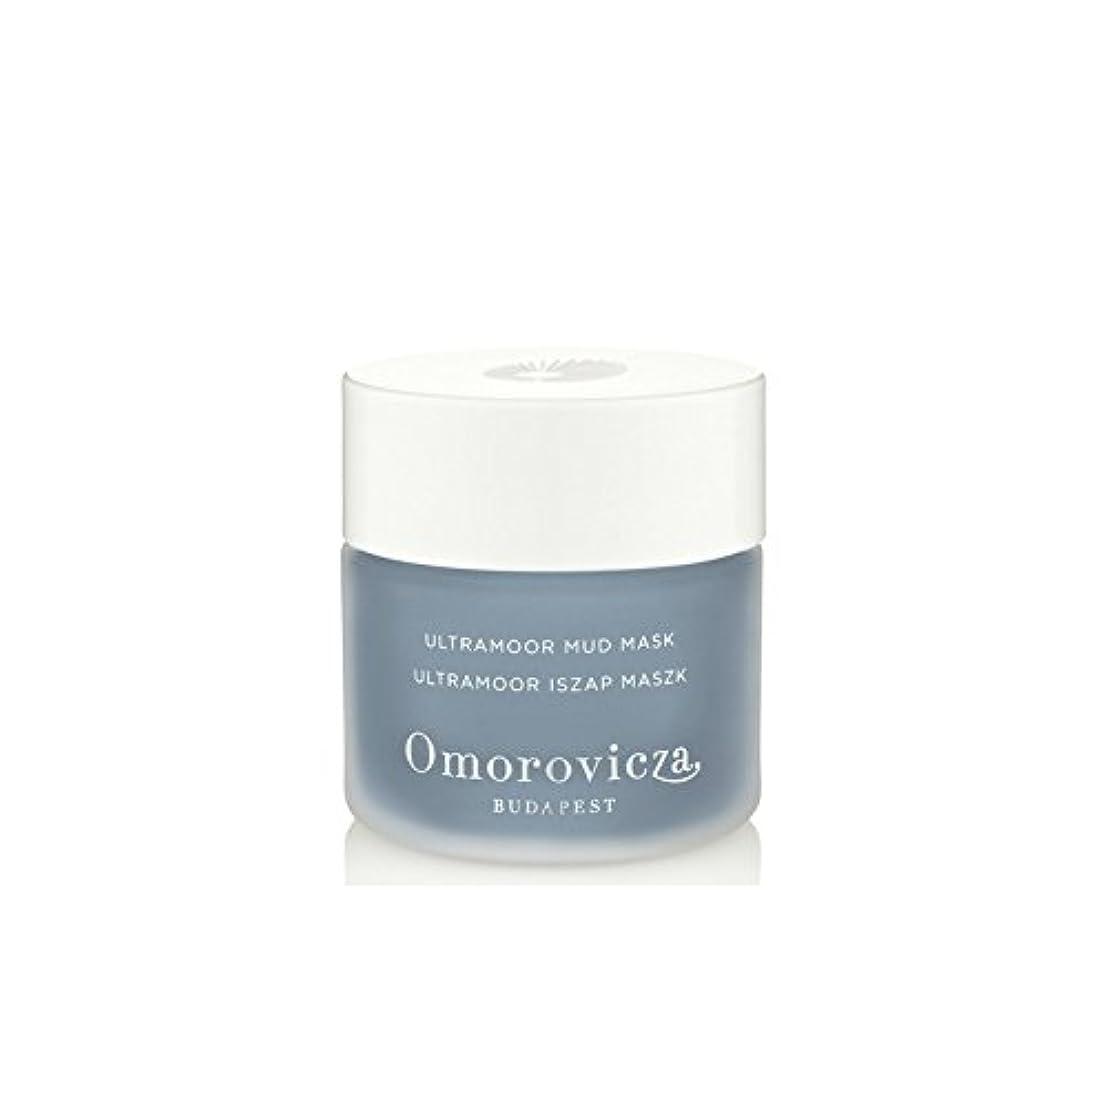 話をする信頼性スプリット泥マスク(50ミリリットル) x4 - Omorovicza Ultramoor Mud Mask (50ml) (Pack of 4) [並行輸入品]